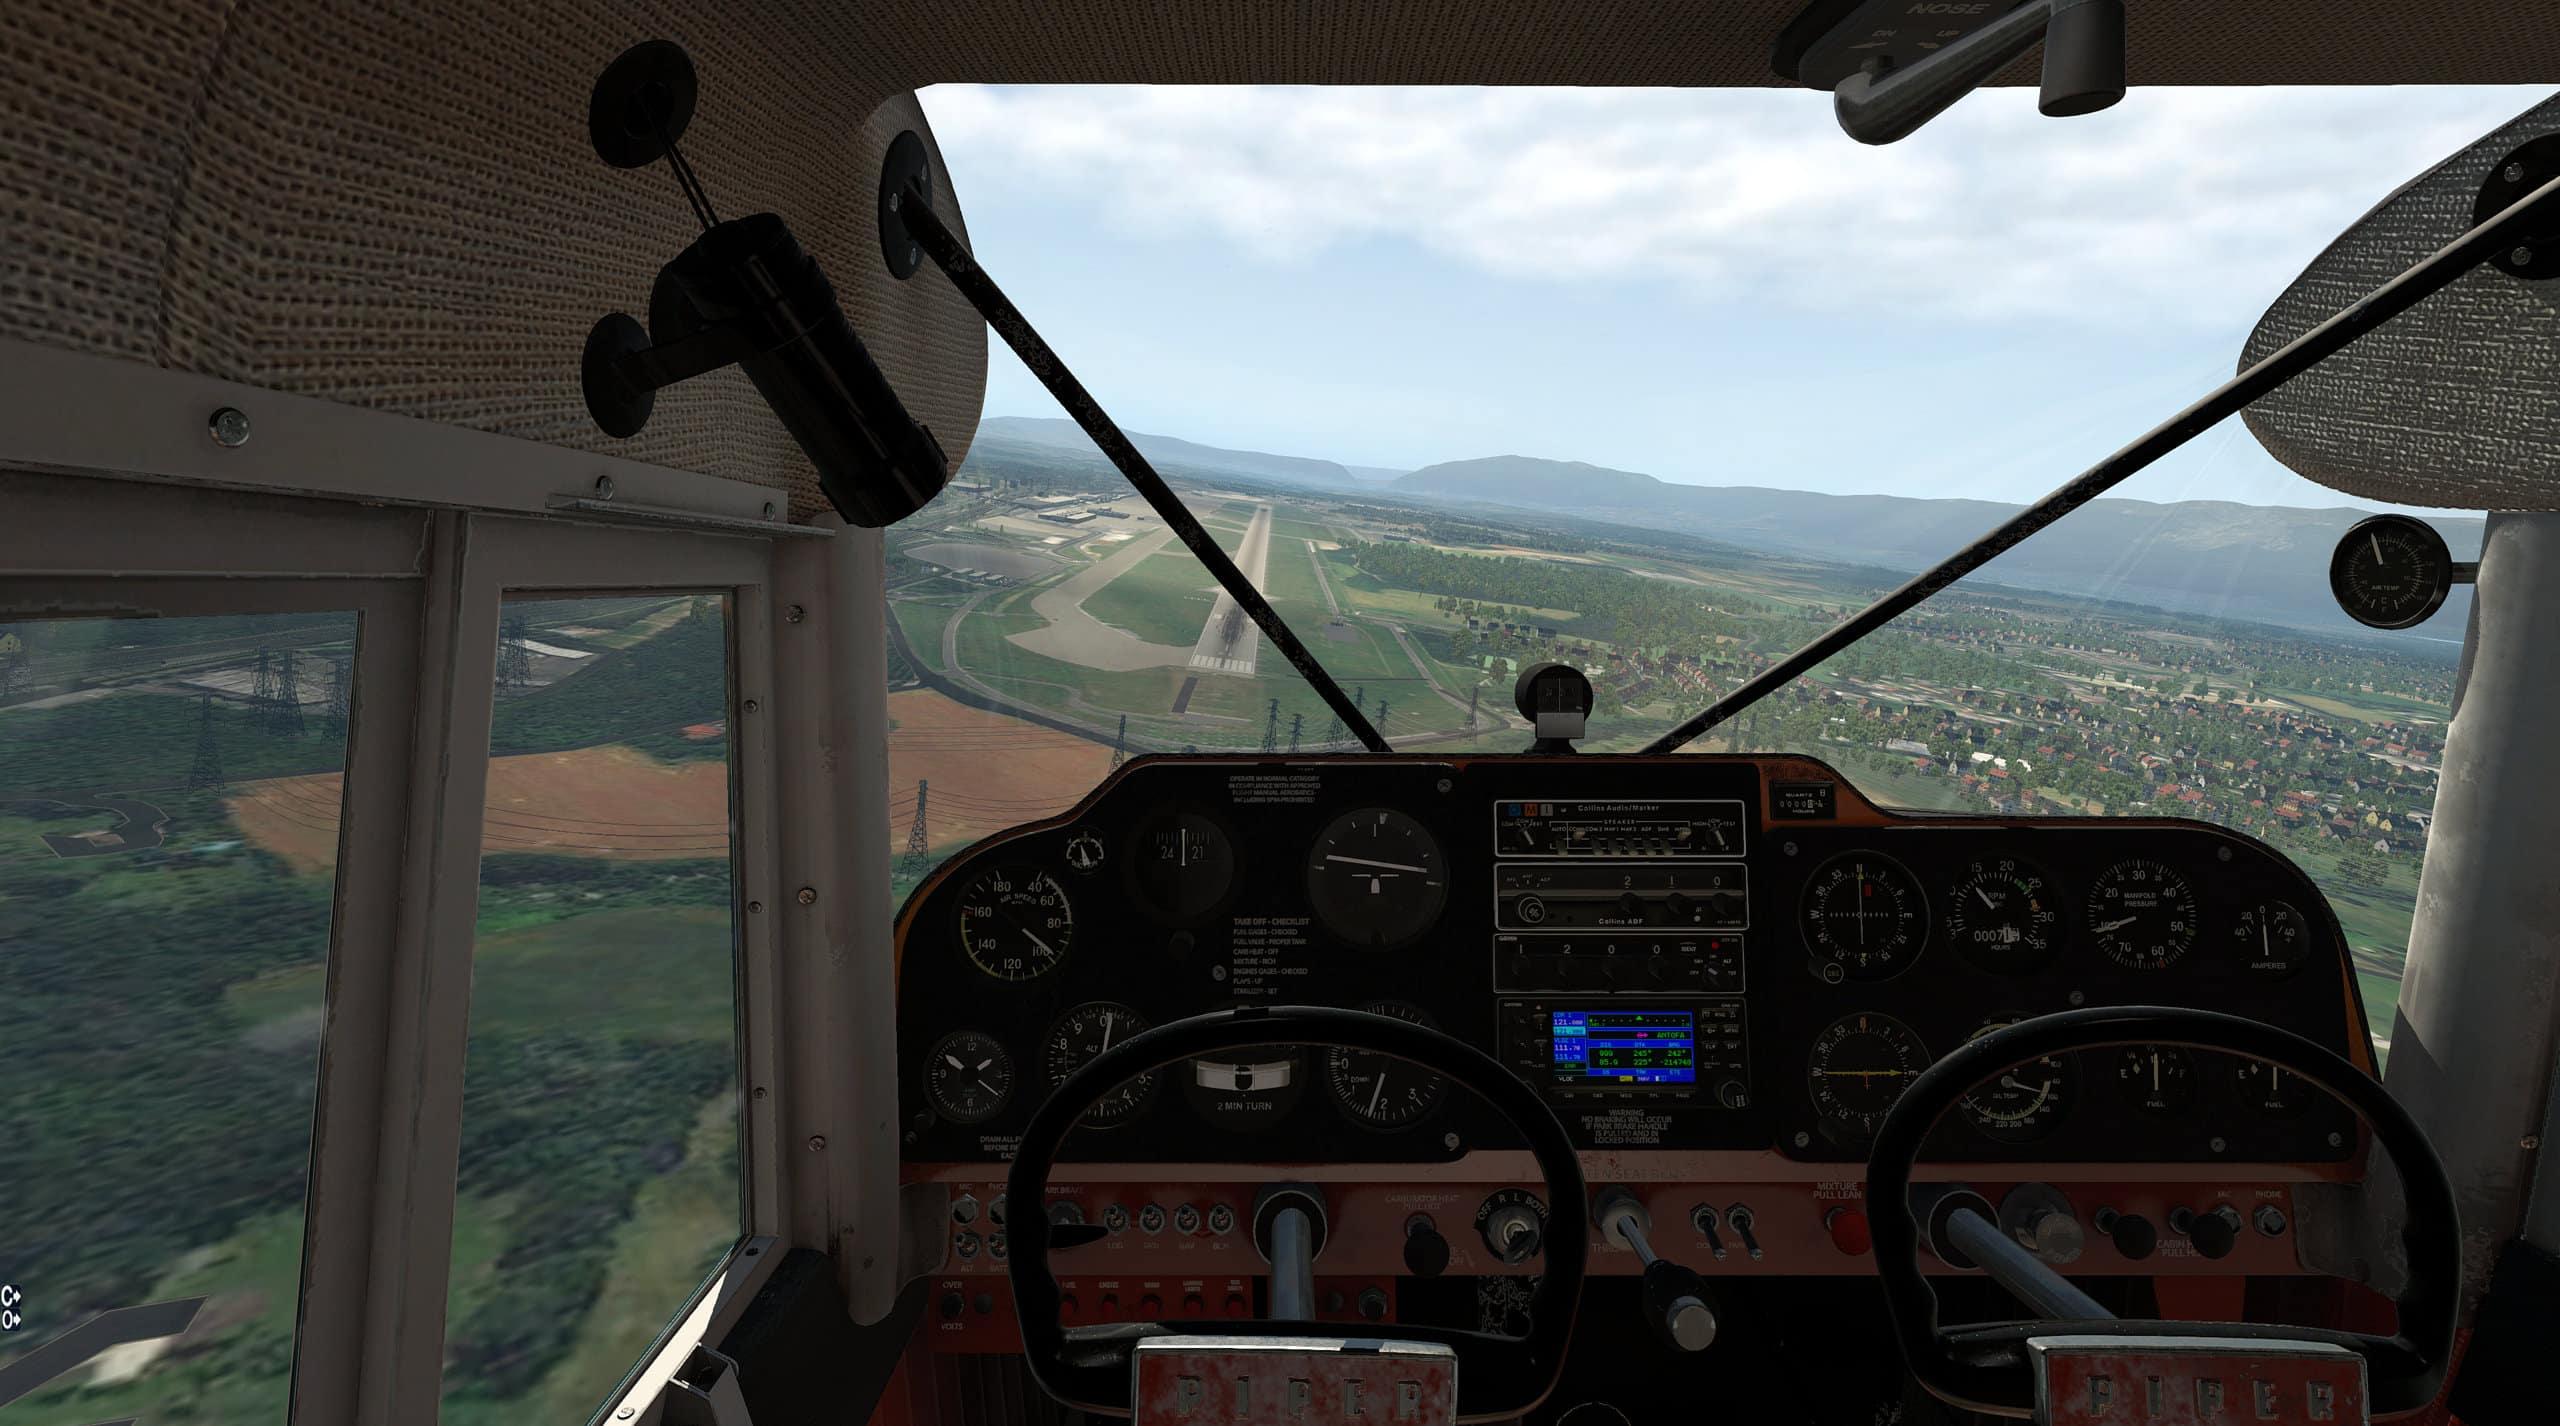 Alabeo – PA-22 Tri Pacer X-Plane 10 5/11